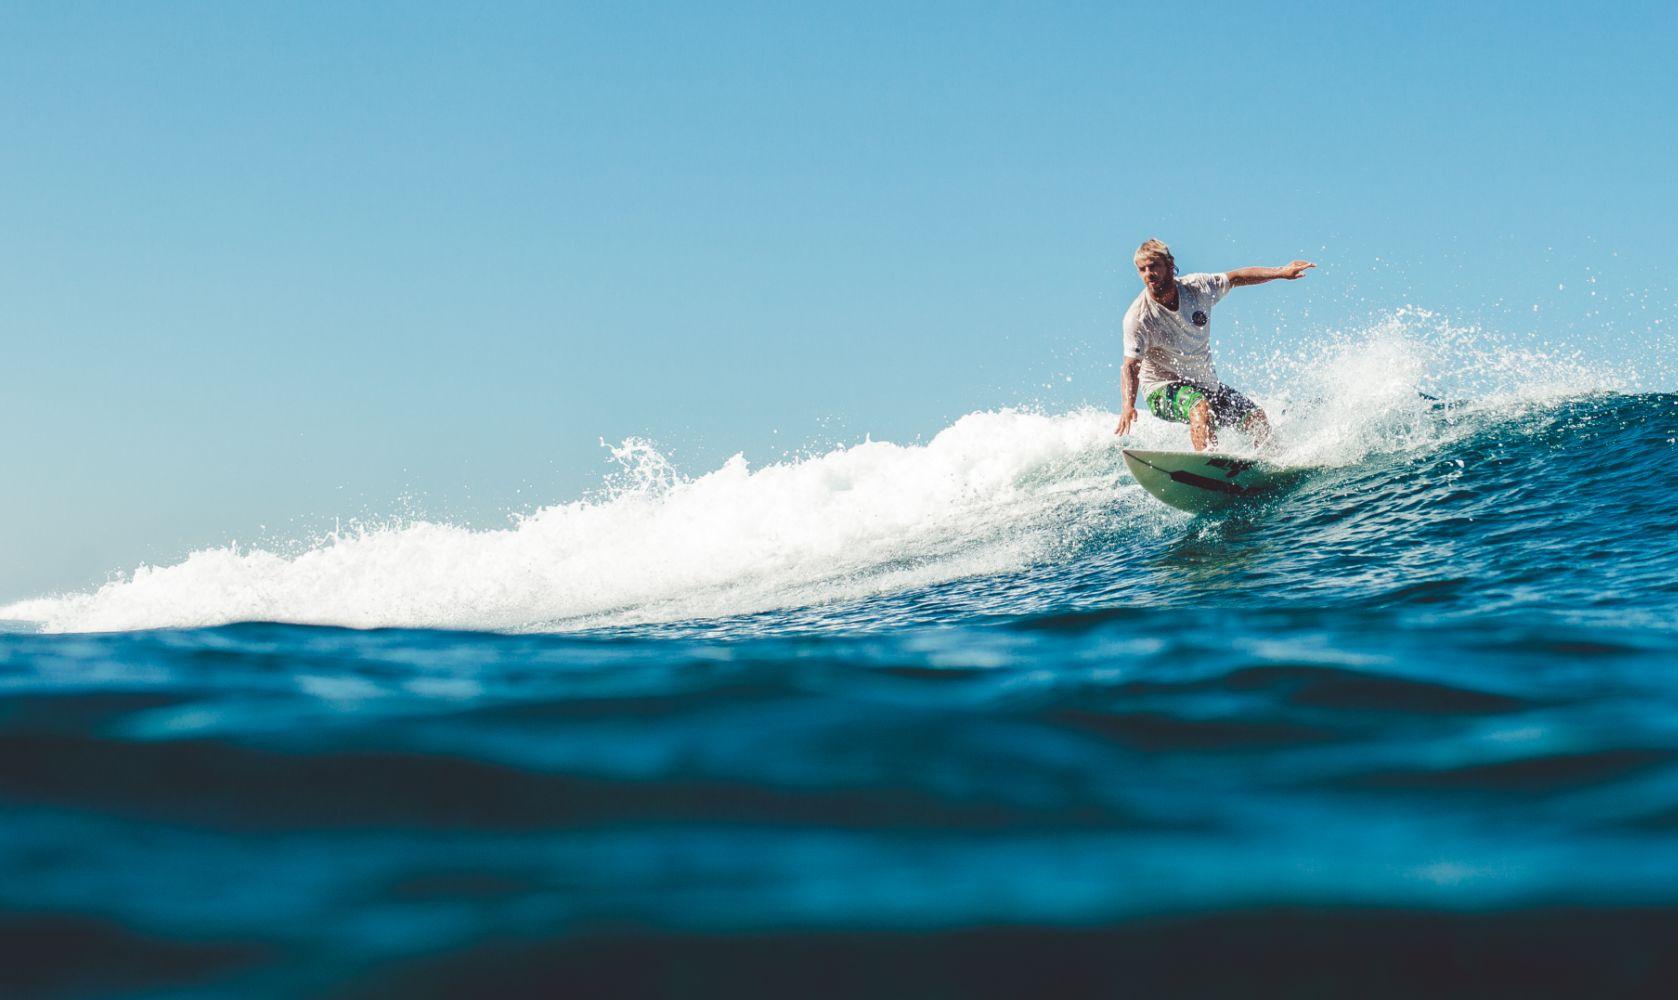 趣味のサーフィンのこと